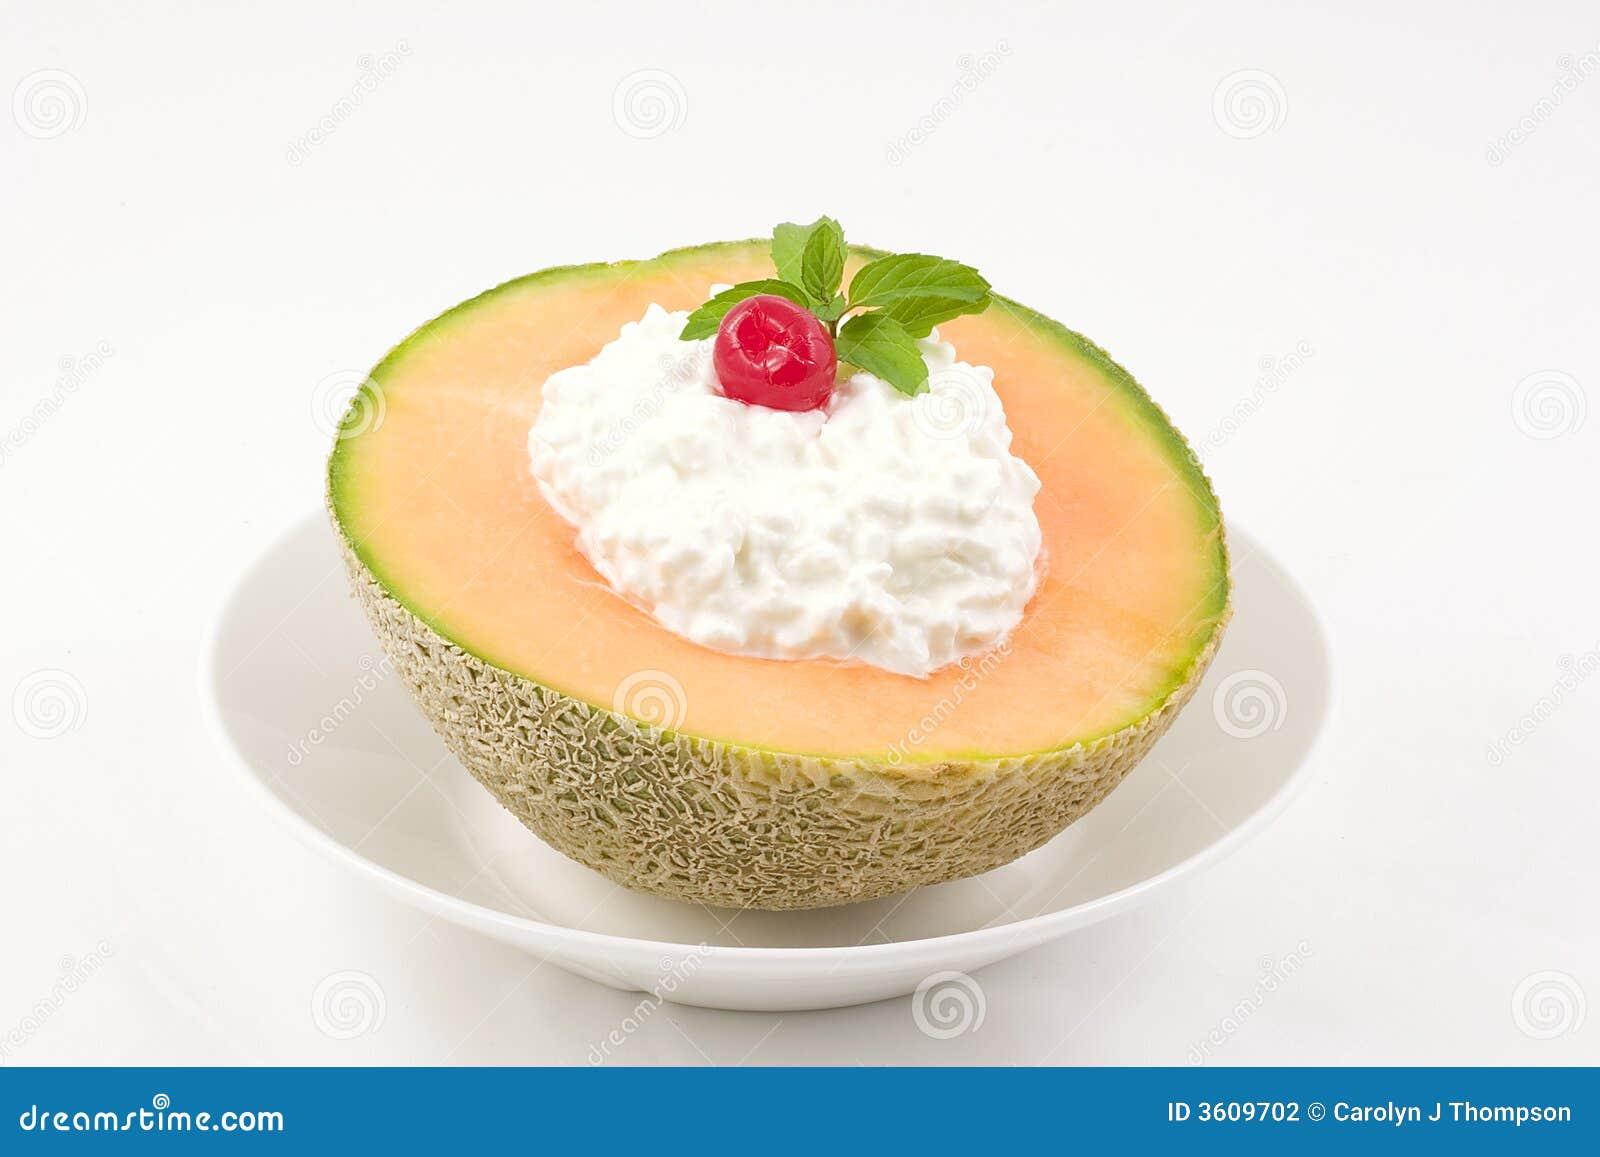 Cantaloupe Snack Stock Photography Image 3609702